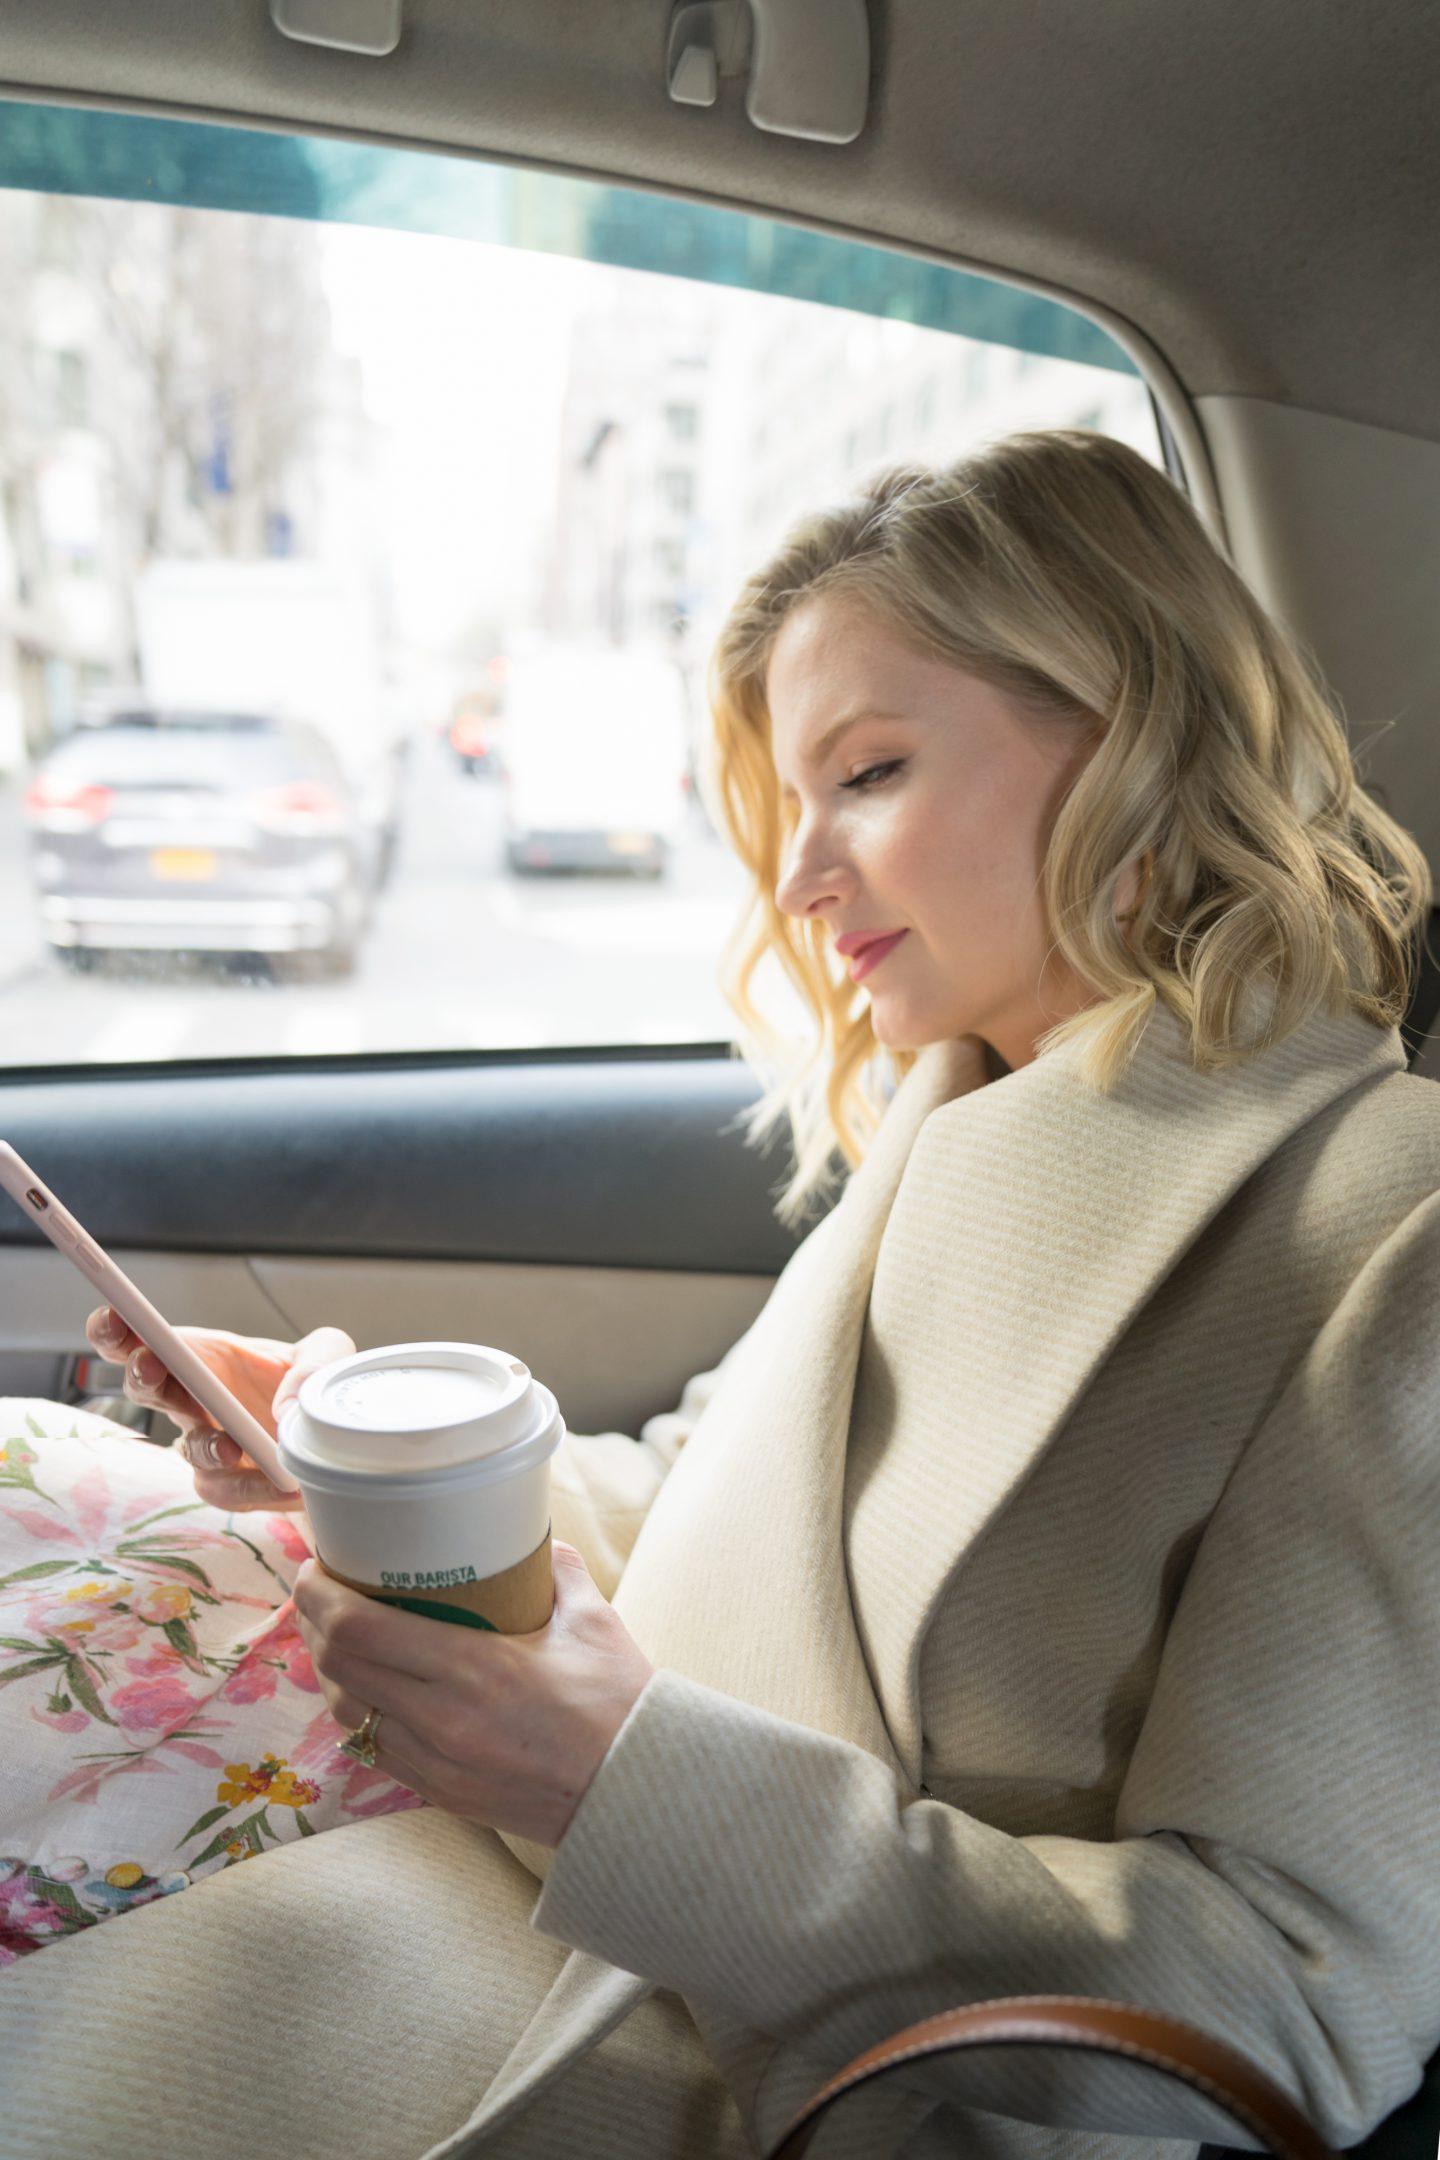 Ashley Brooke on commute in NYC @ashleybrooke - Ashley Brooke Designs